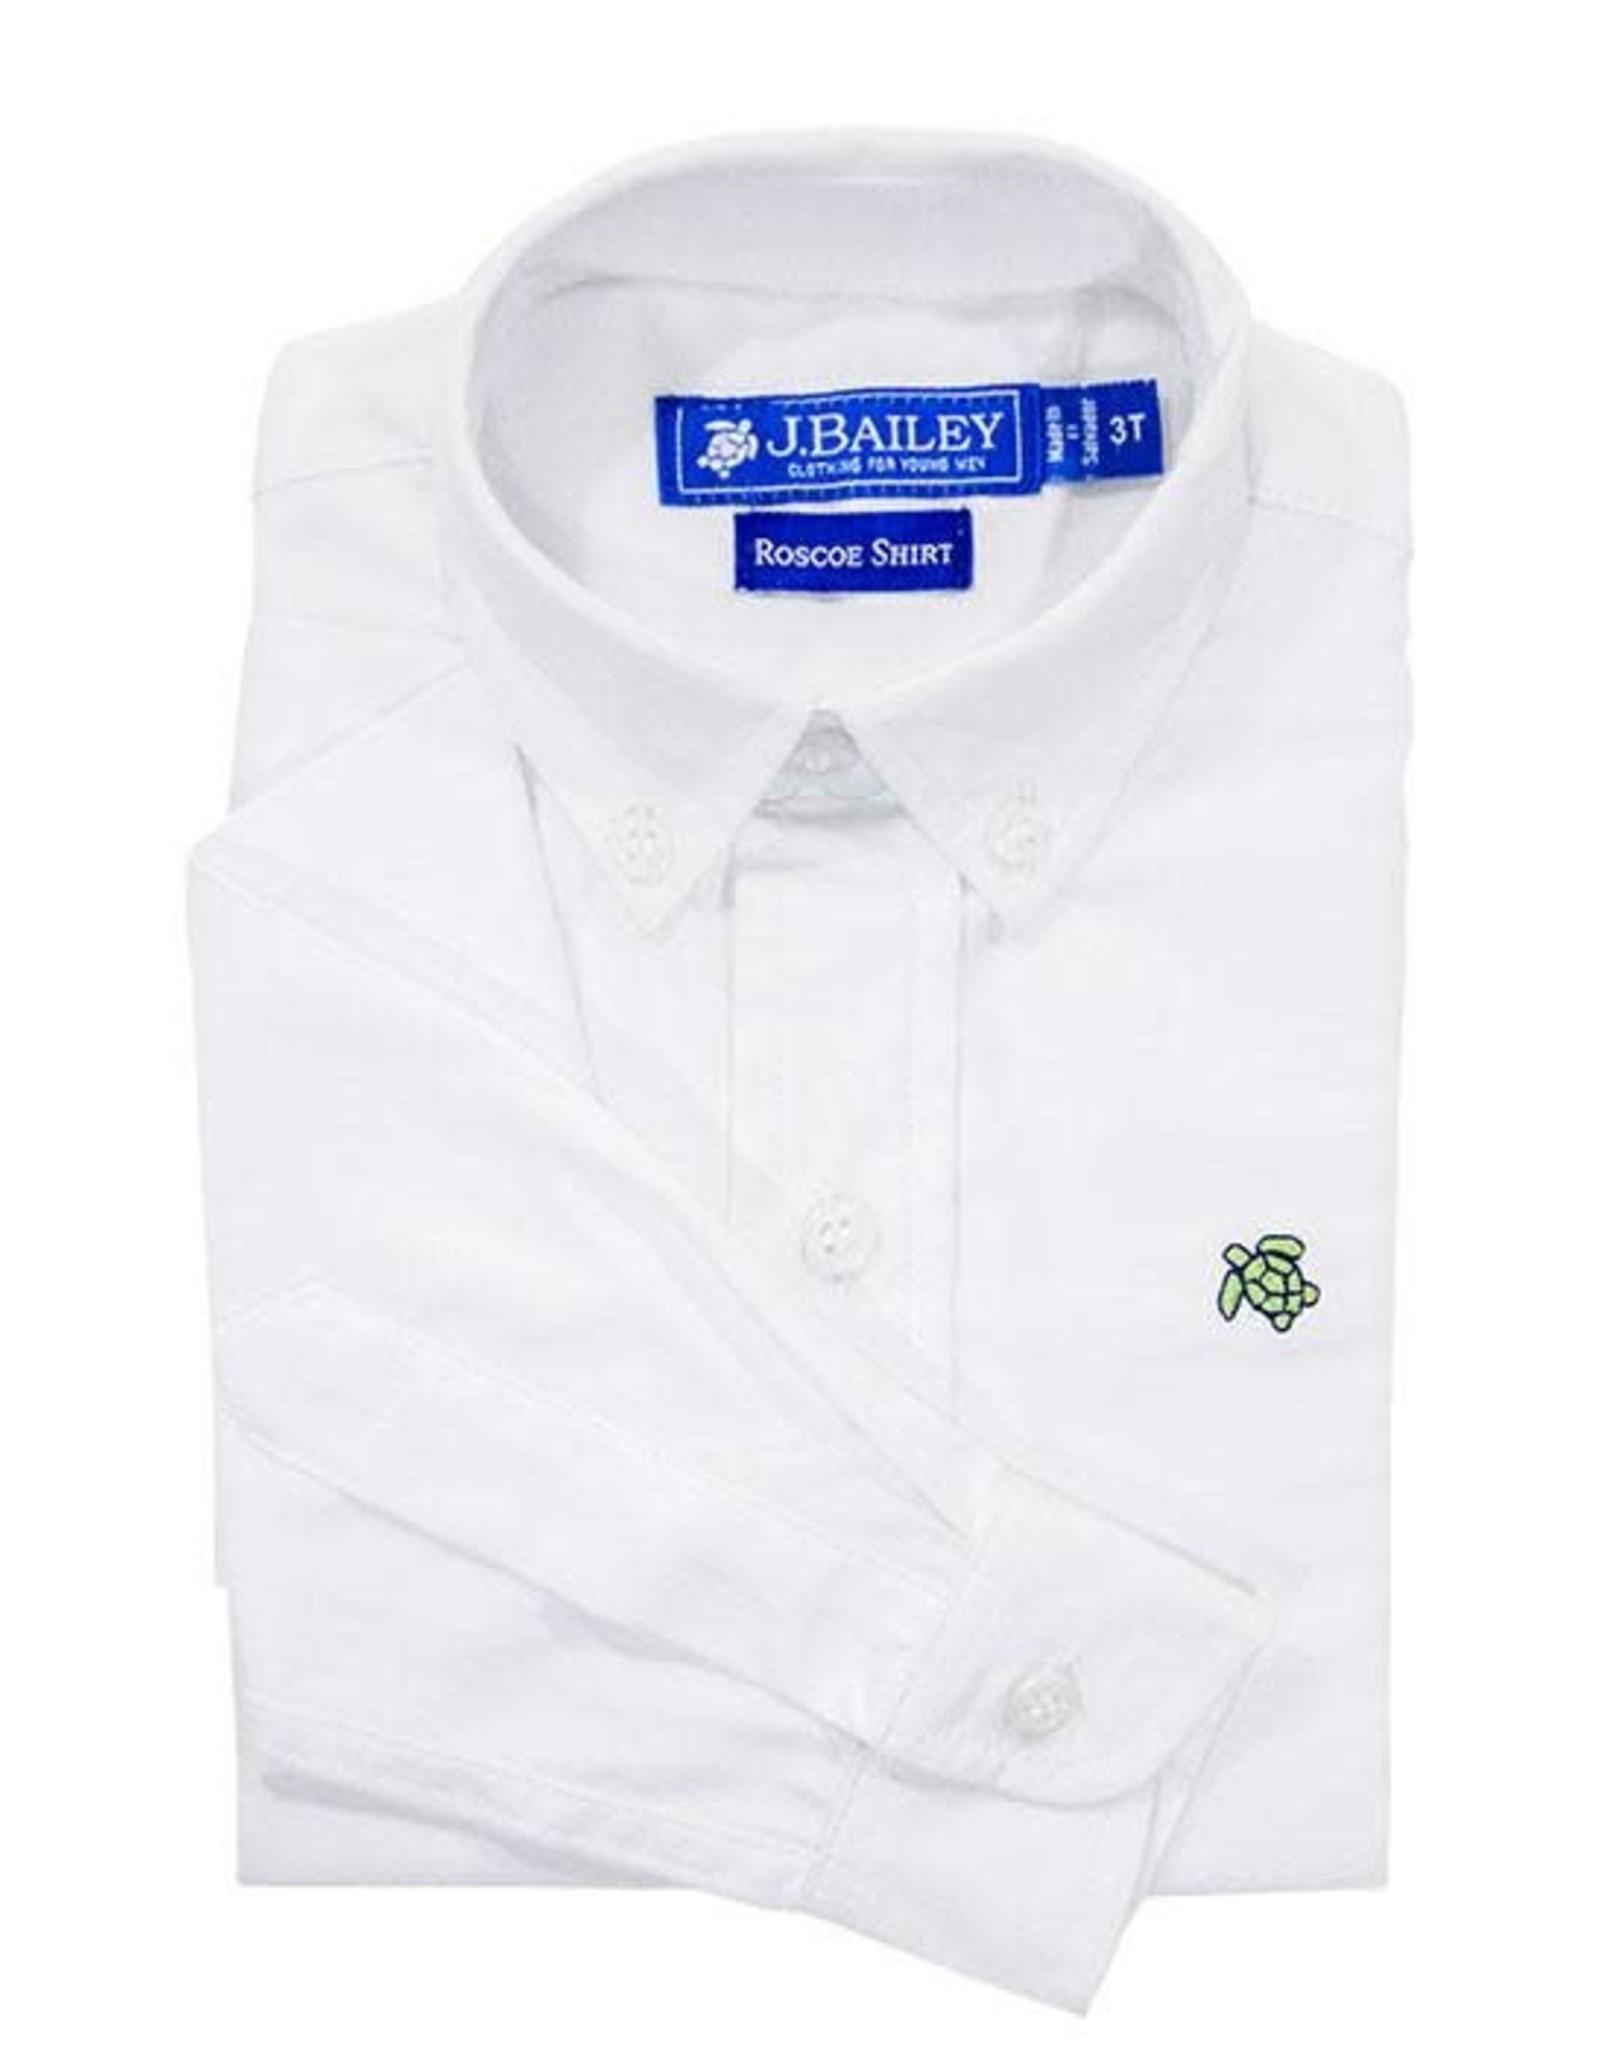 The Bailey Boys Oxford Shirt White Roscoe